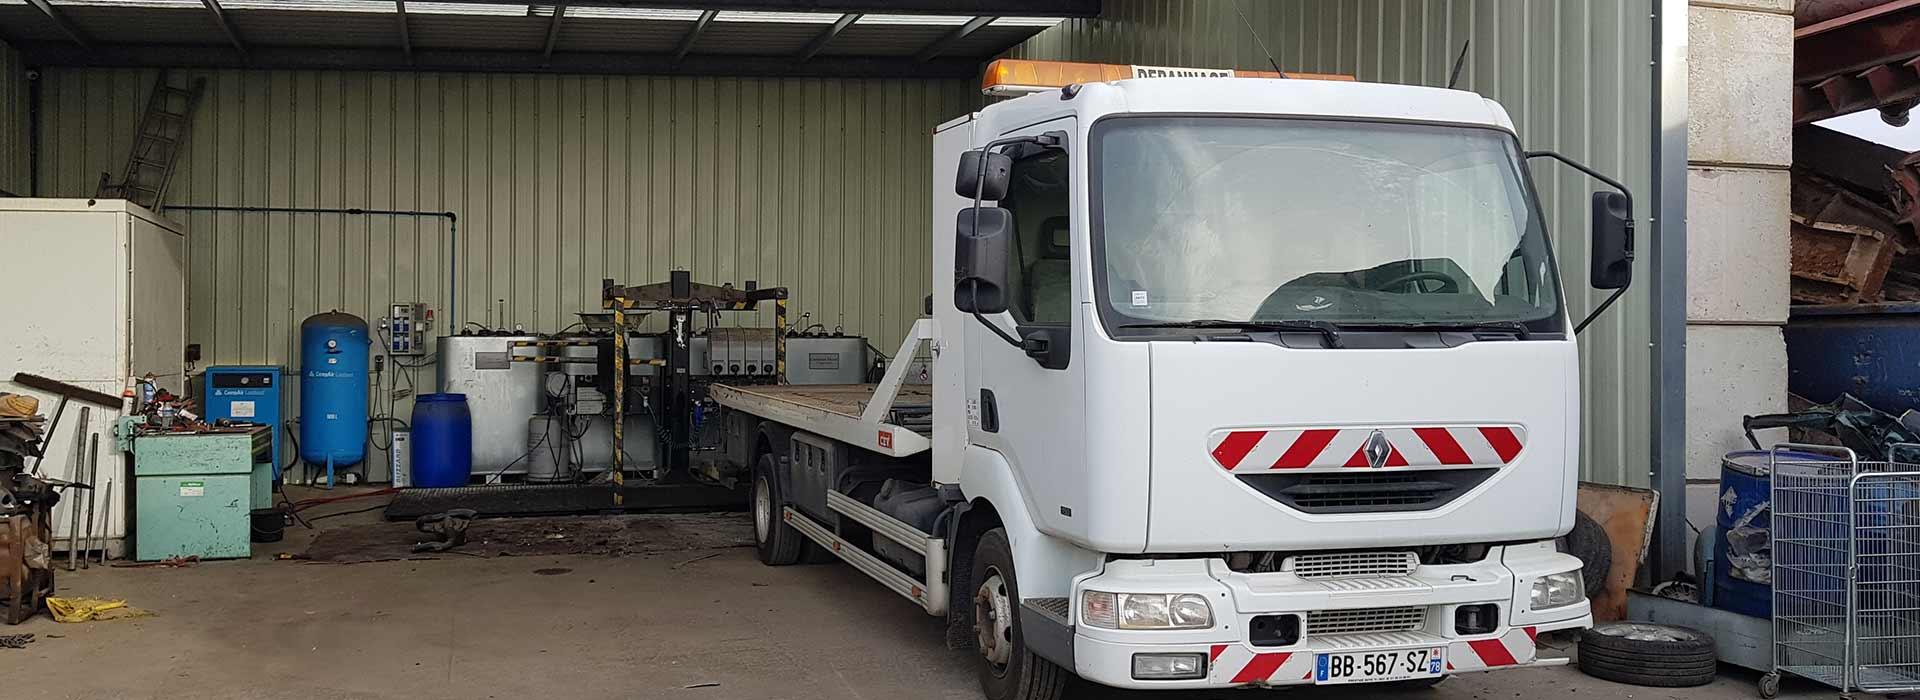 Recyclage automobile à Porcheville 78